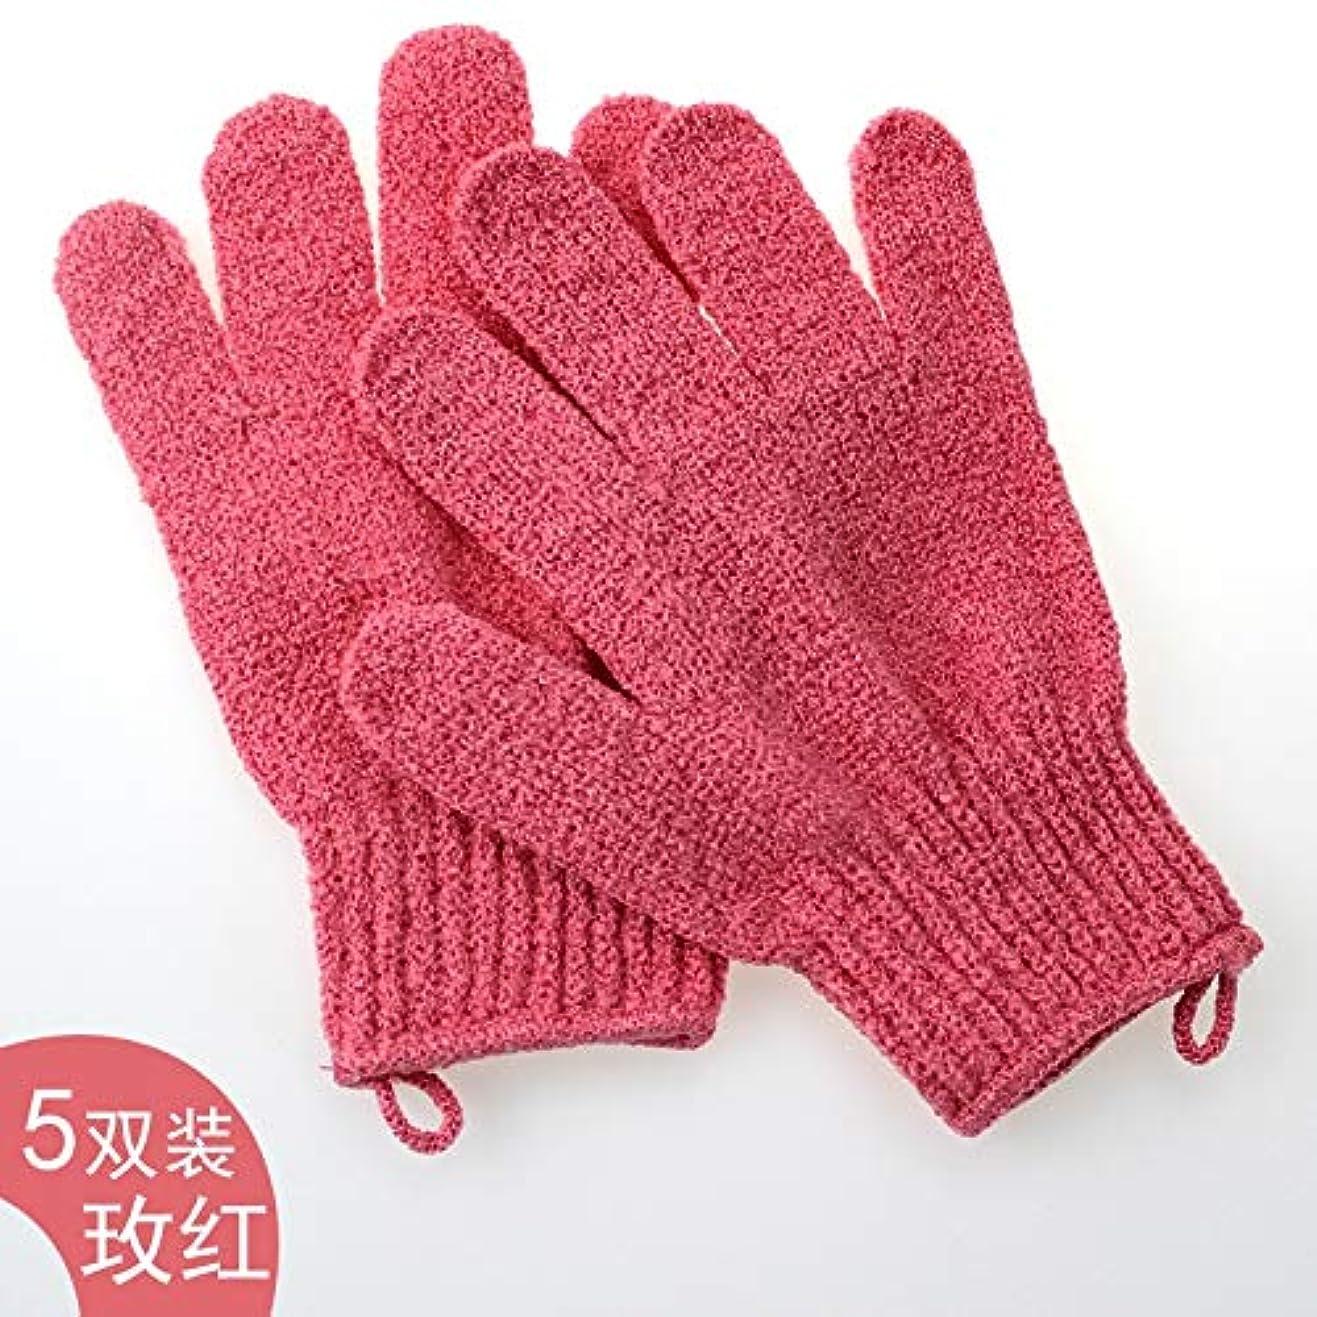 引き算模倣ポテトBTXXYJP お風呂用手袋 シャワー手袋 あかすり ボディタオル ボディブラシ やわらか バス用品 男女兼用 角質除去 (Color : Red)